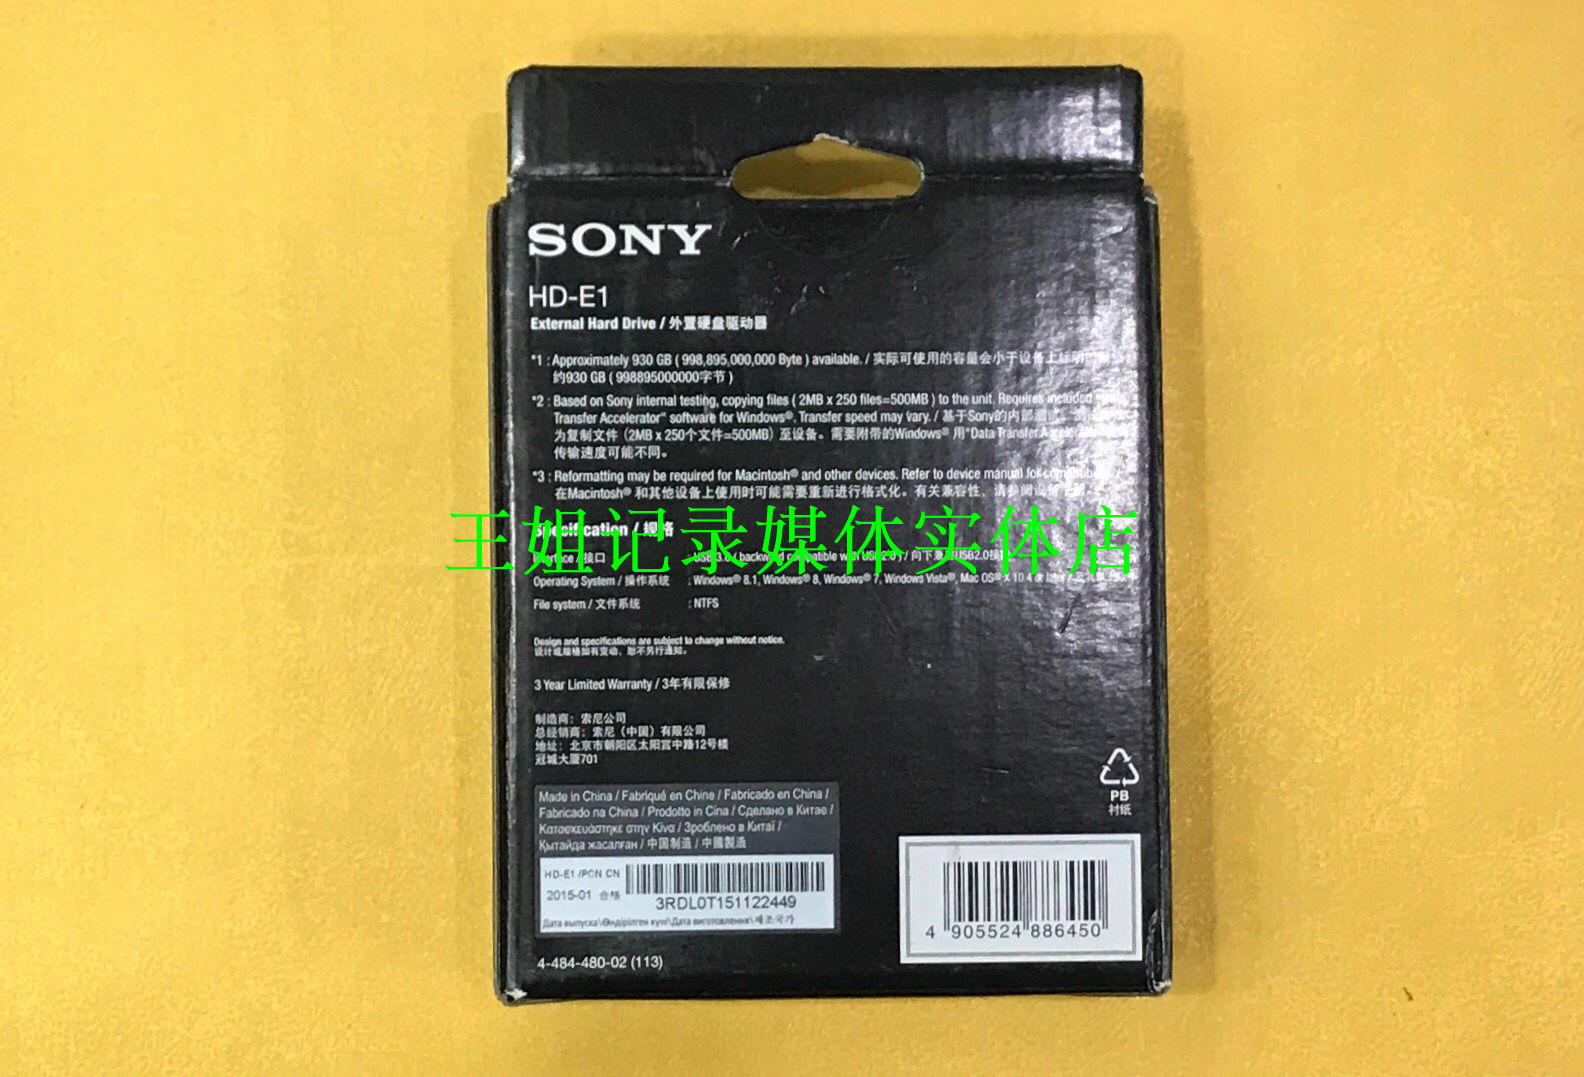 Sony Sony mobile festplatte it mobile festplatte usb3.0 high - speed - IT - verschlüsselung der festplatte bundesweit